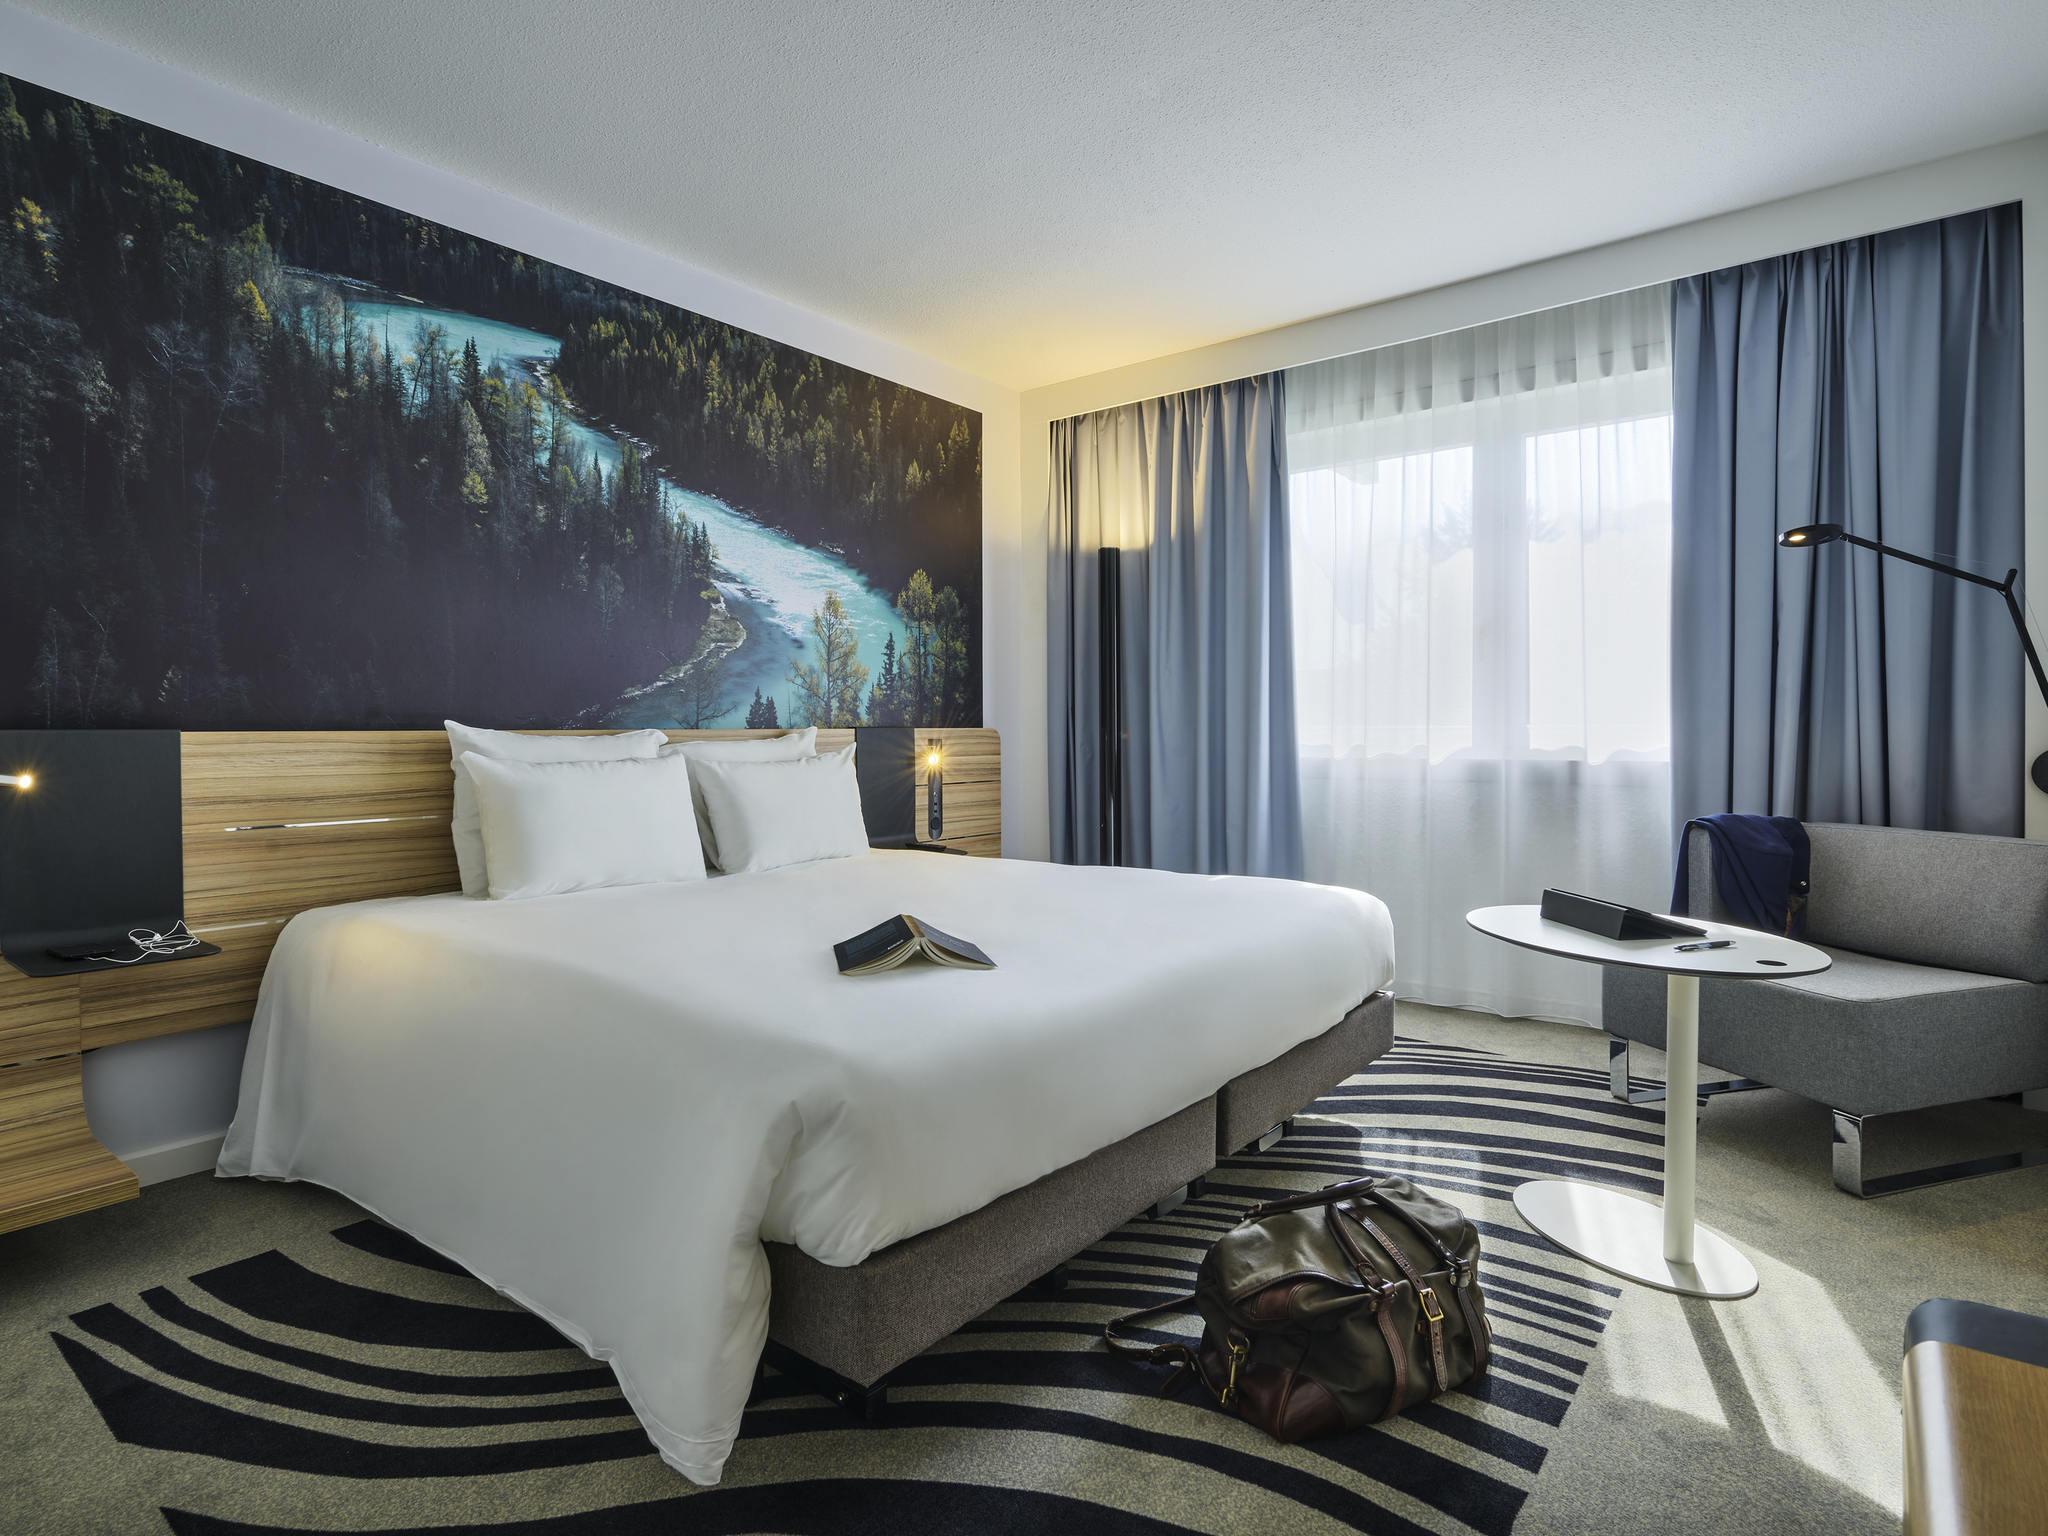 Hotel - Novotel Massy Palaiseau